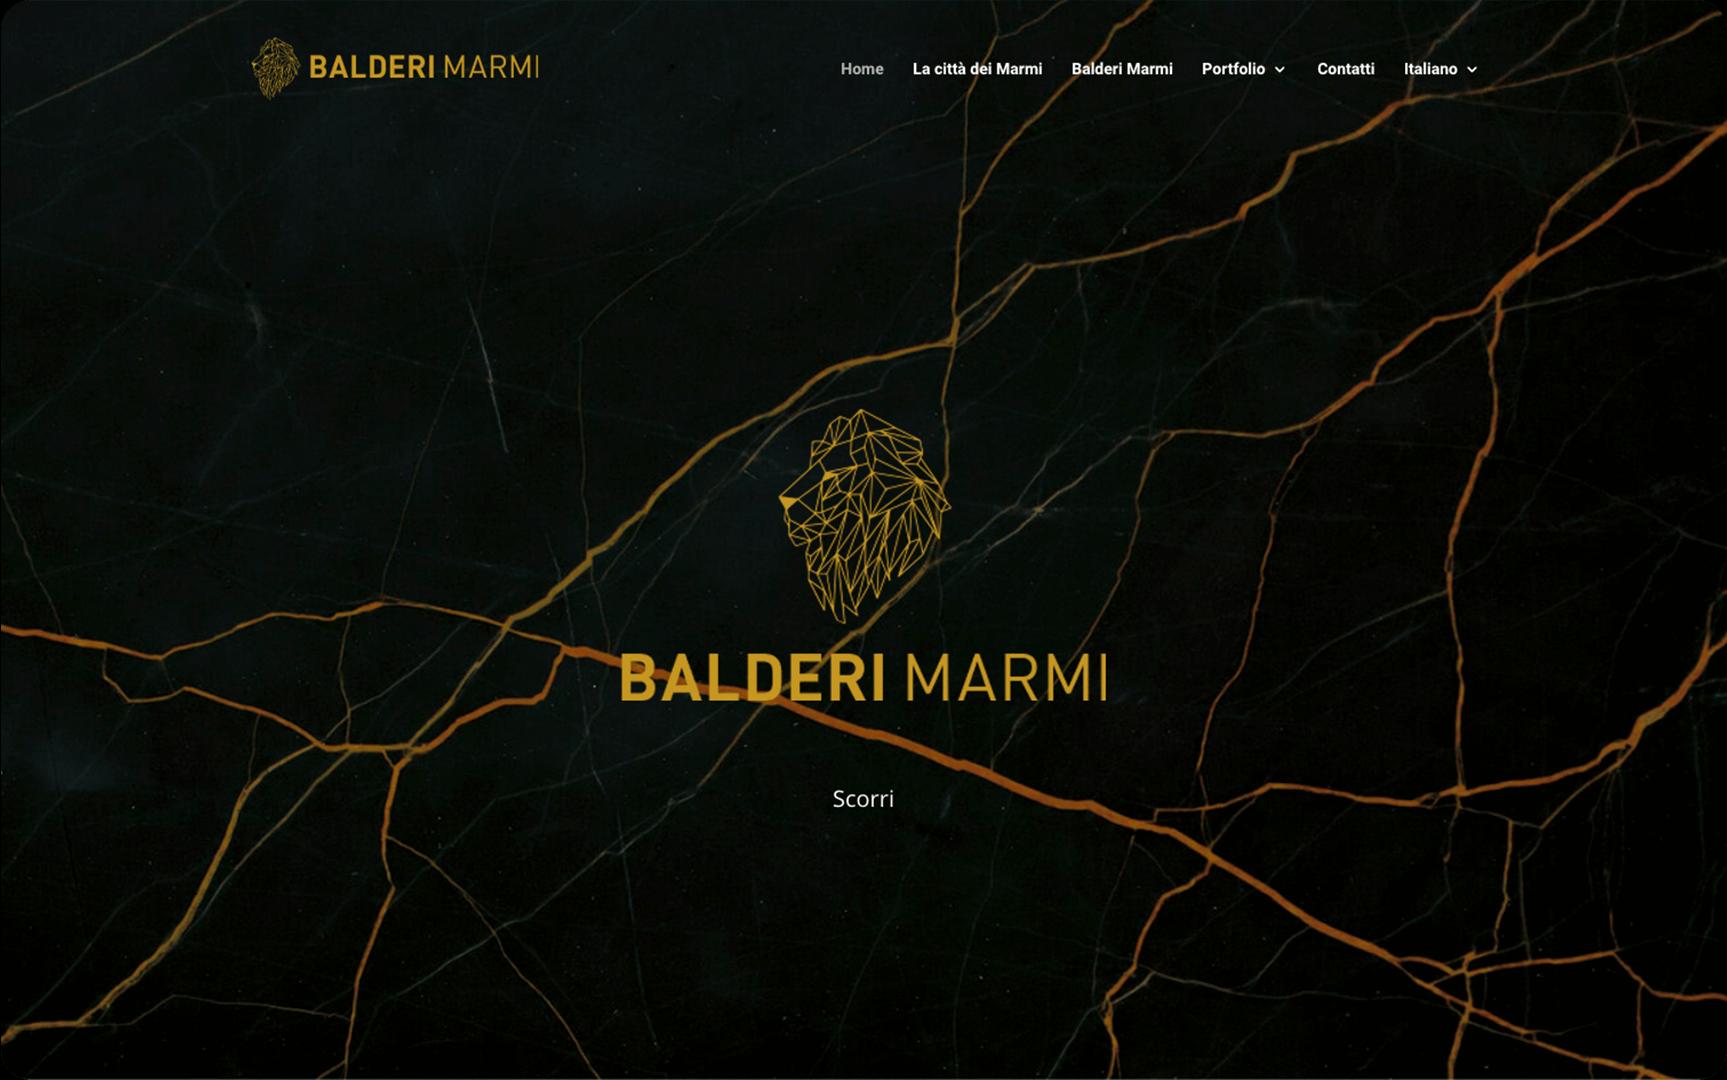 balderi-marmi-schermata